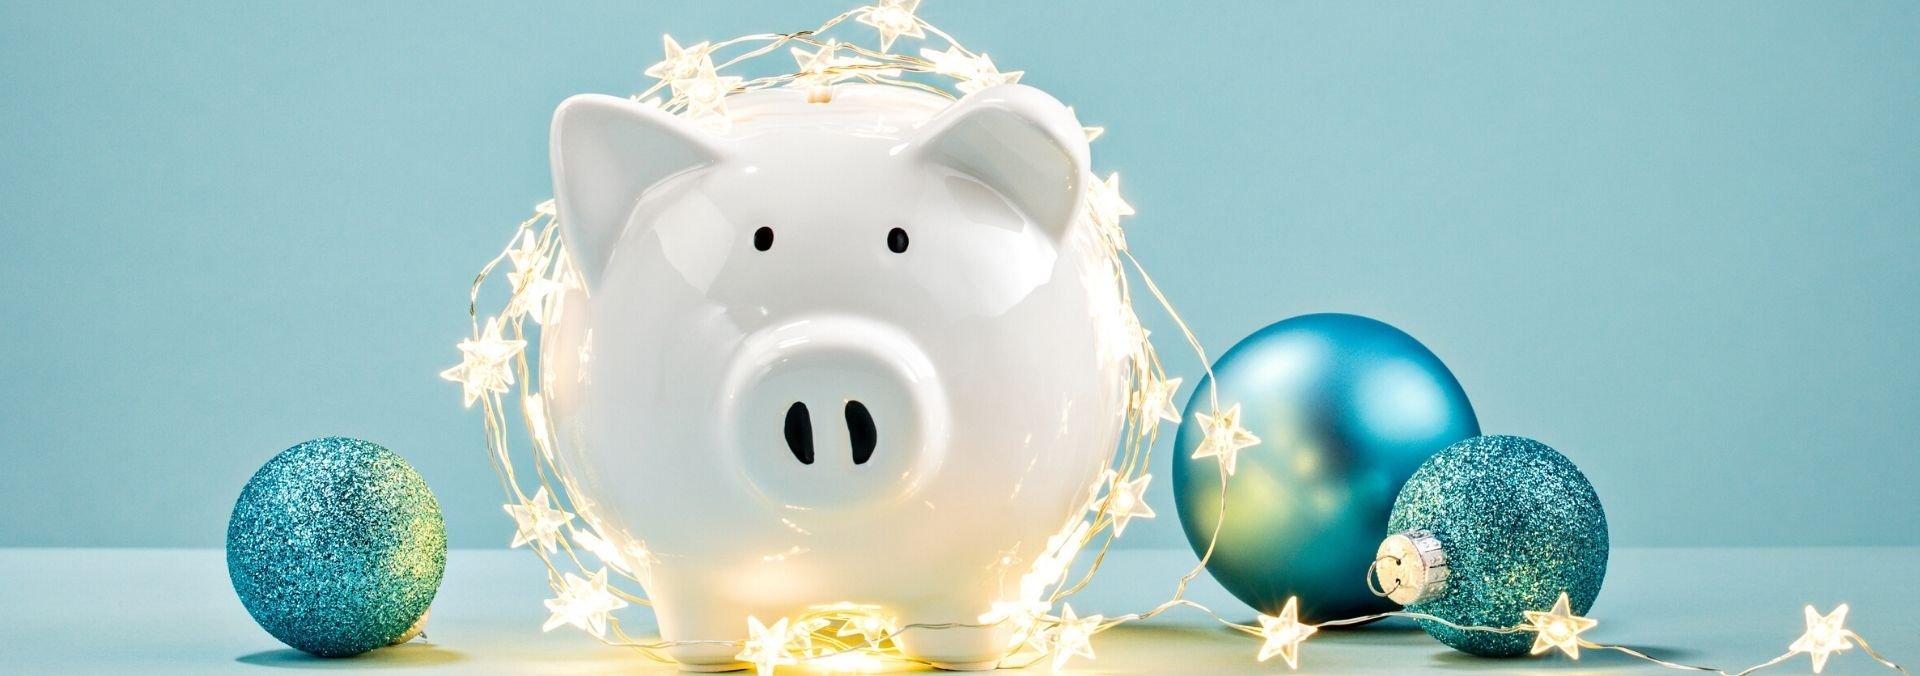 holiday savings tips